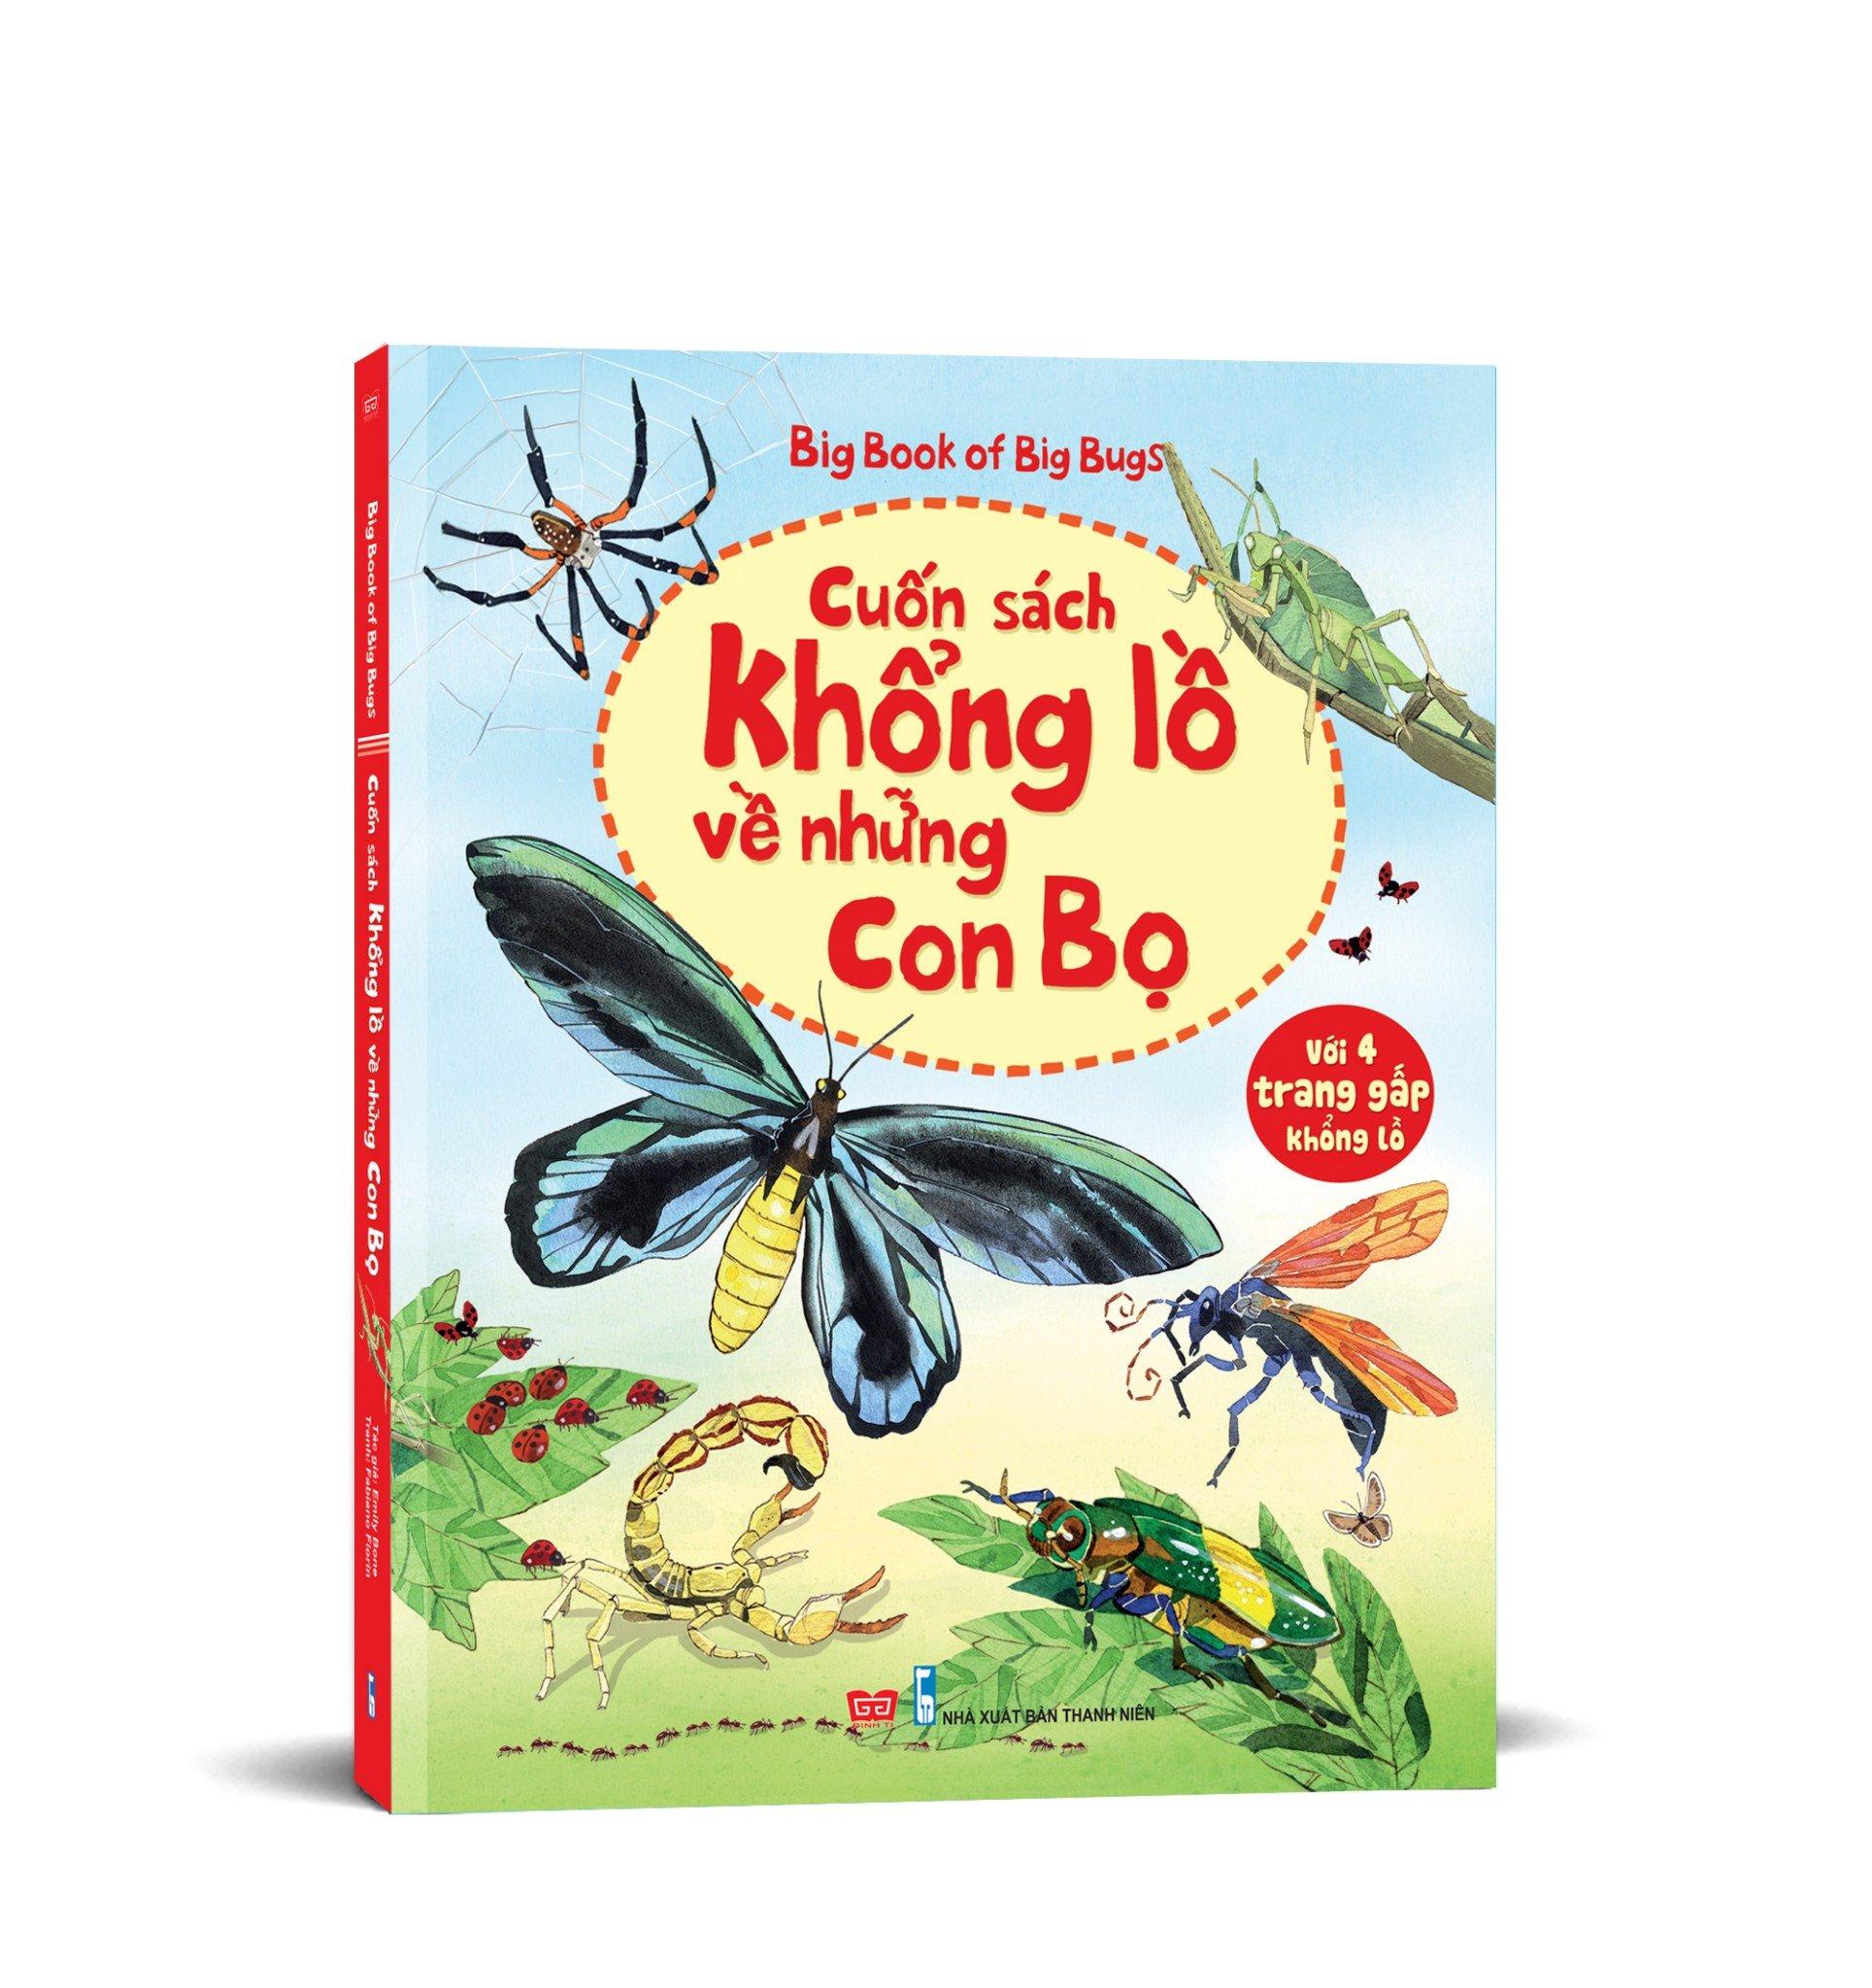 Sách tương tác - Big book - Cuốn sách khổng lồ về những con bọ (tái bản 2018)